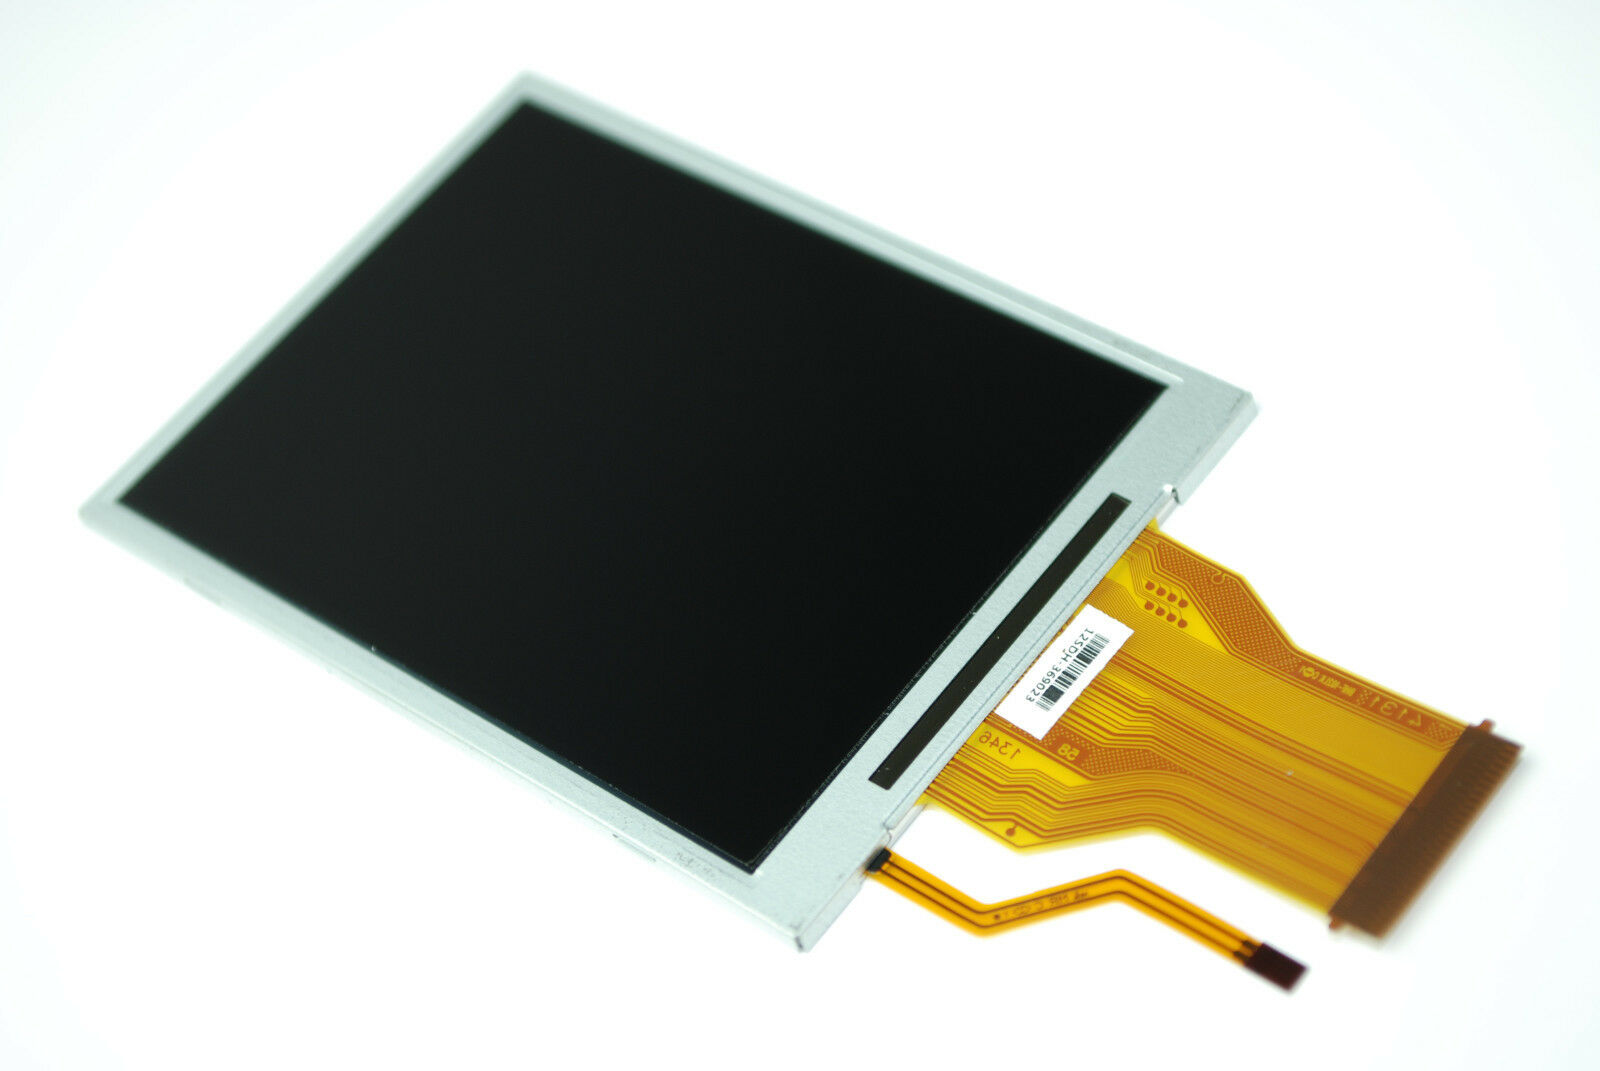 LCD Display Screen For Nikon Coolpix P610 Digital Camera Repair Part